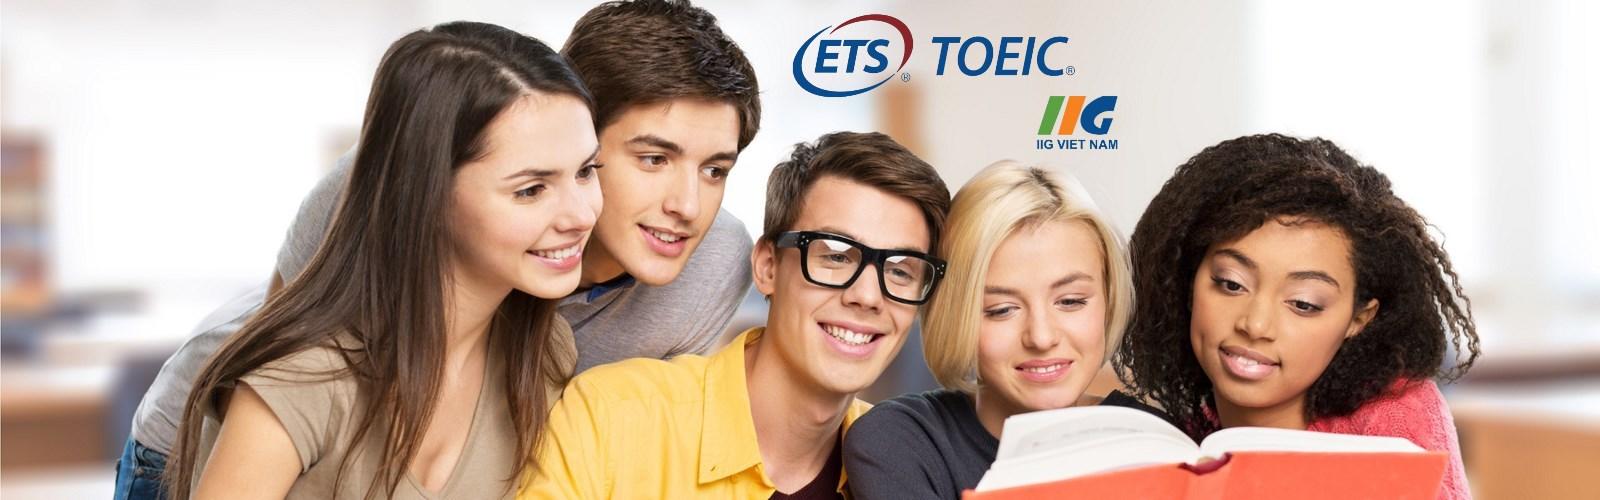 Chương trình cam kết TOEIC 450/500+